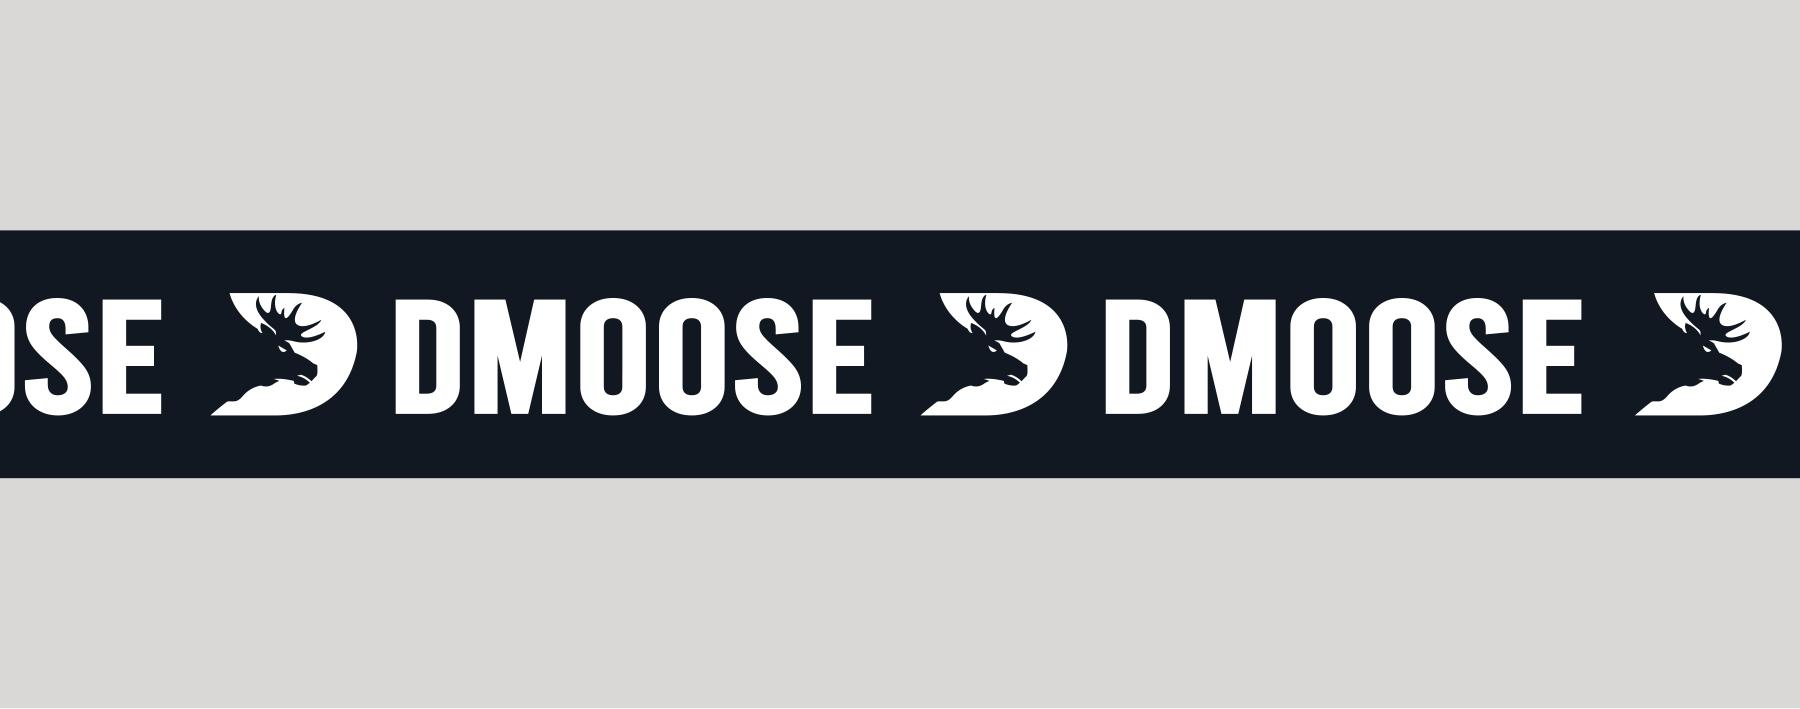 DMoose logo banner